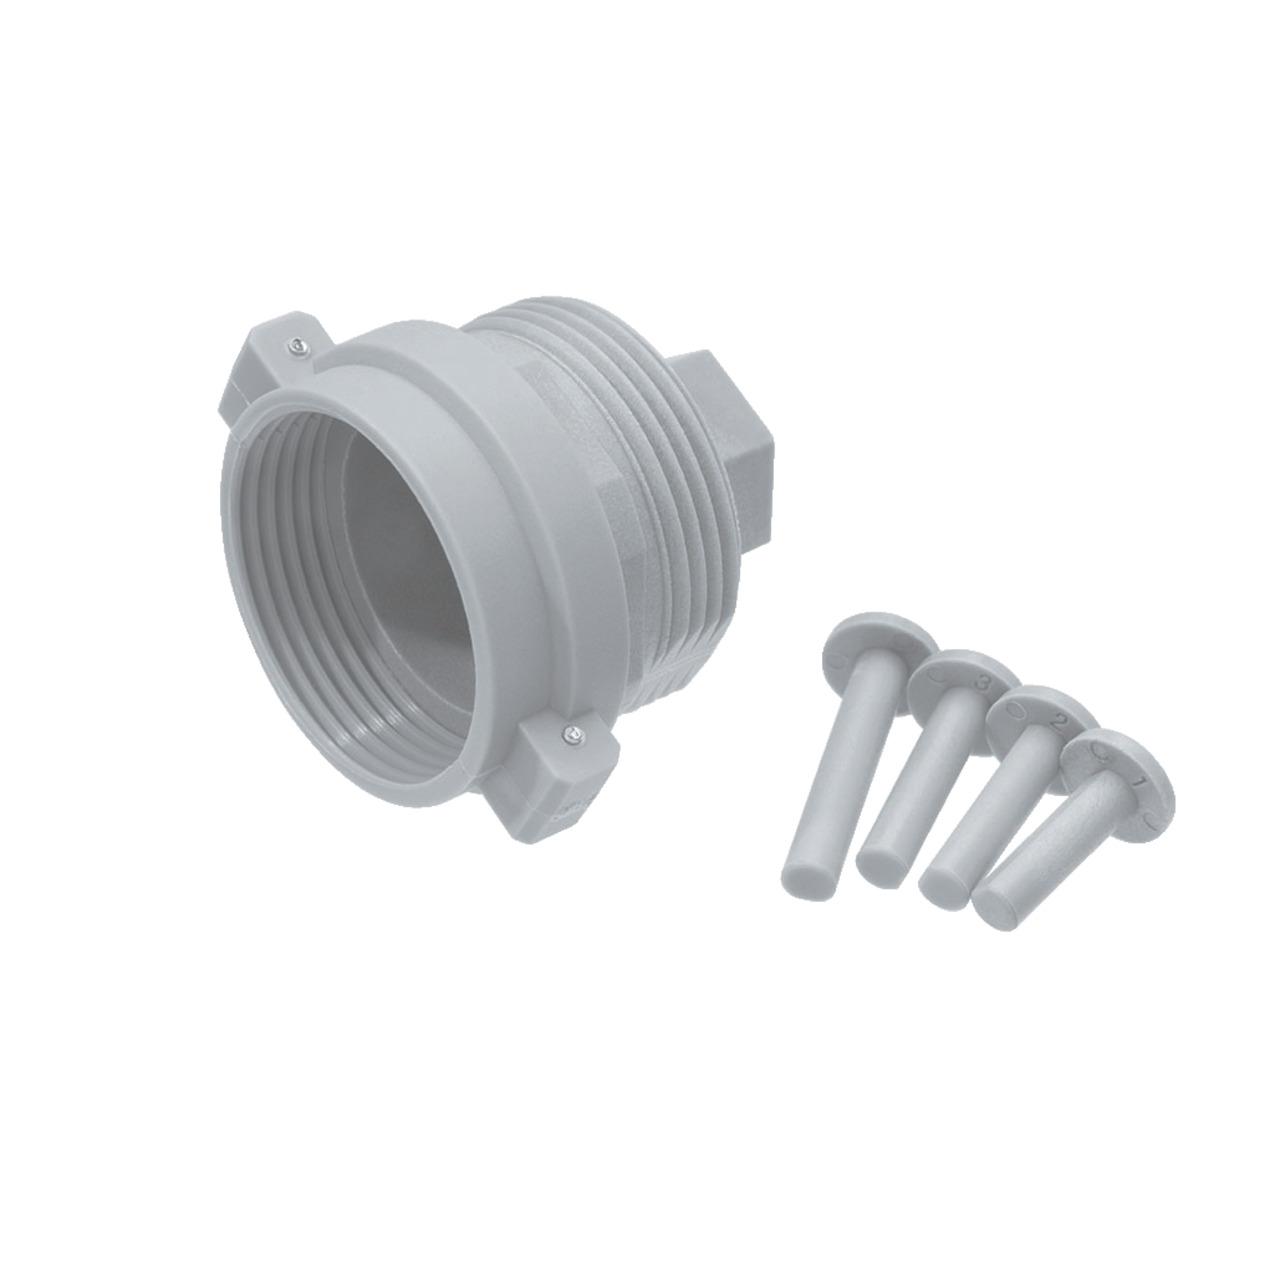 Adapter für Heizungsventil Herz- Comap u- a- M28 x 1-5 mm (Kunststoff)